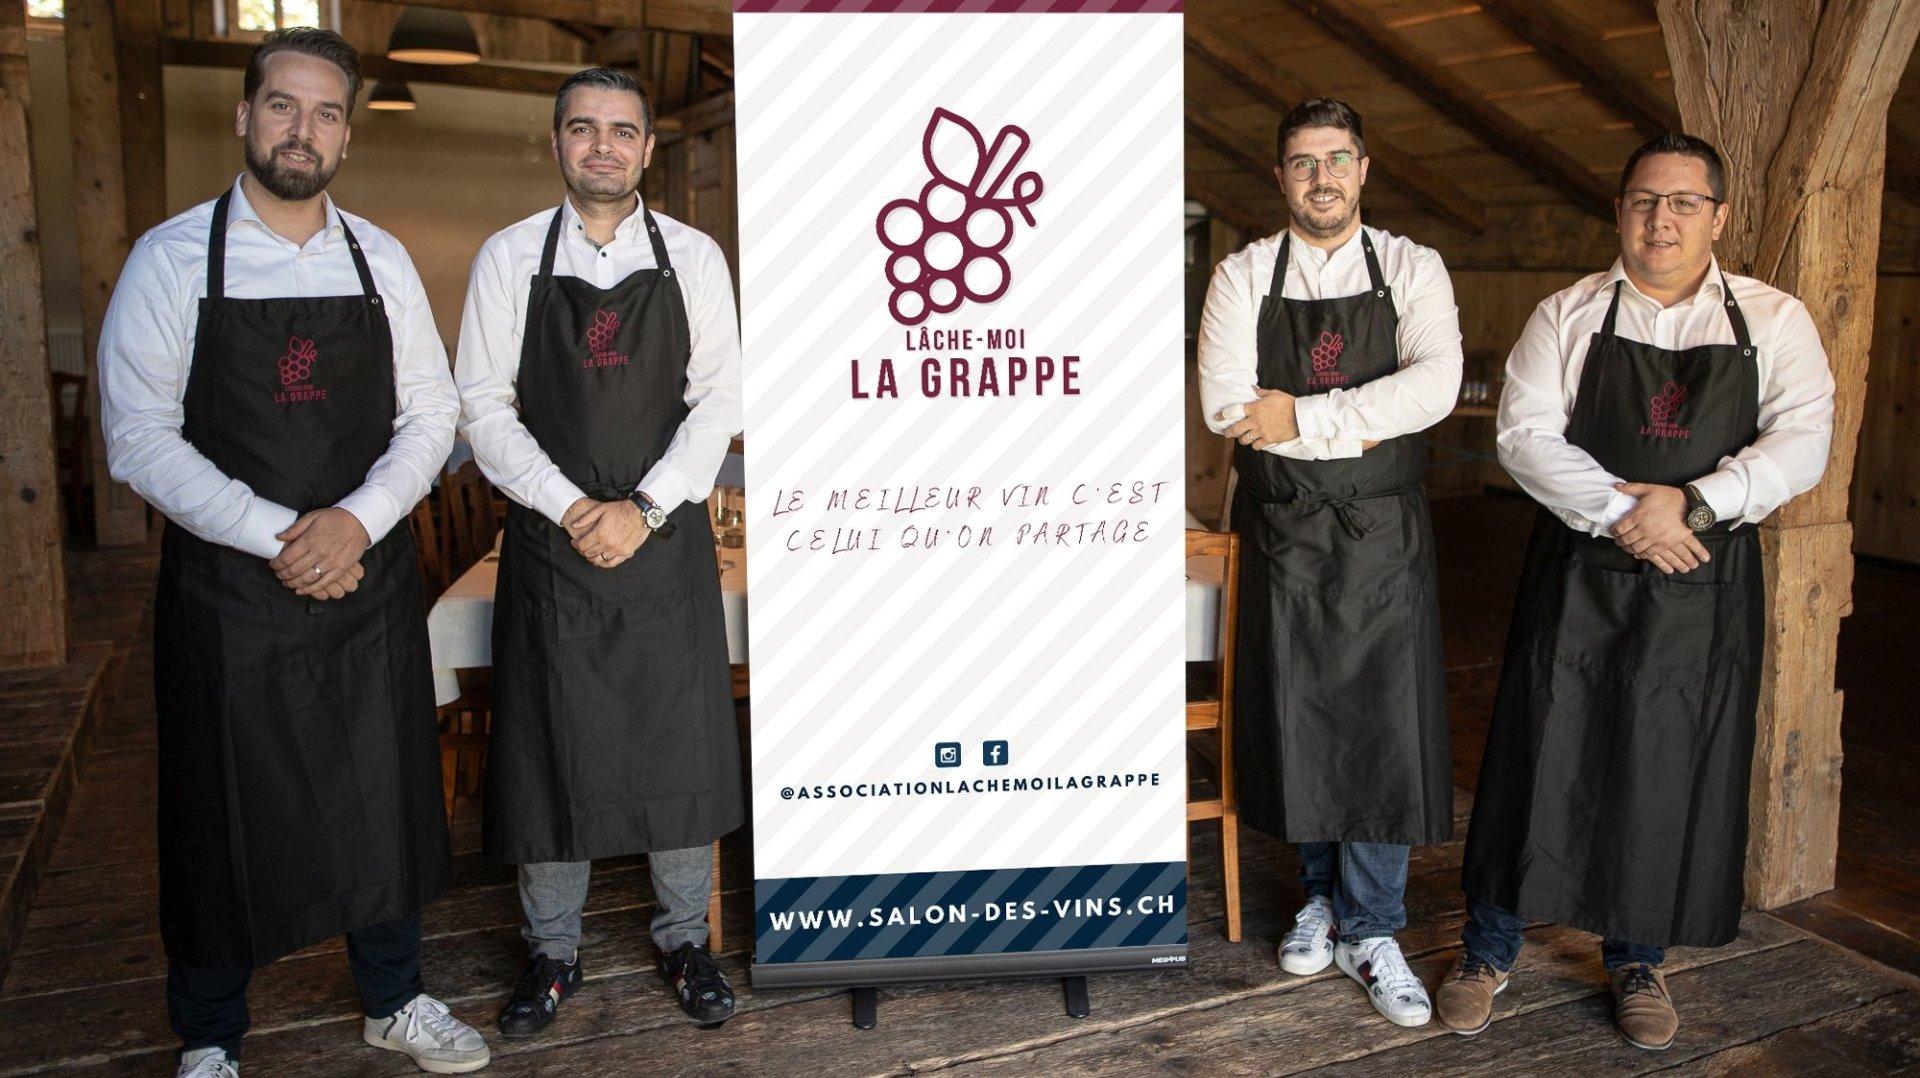 Des potes amateurs de bonnes bouteilles organisent le deuxième Salon des vins à La Chaux-de-Fonds